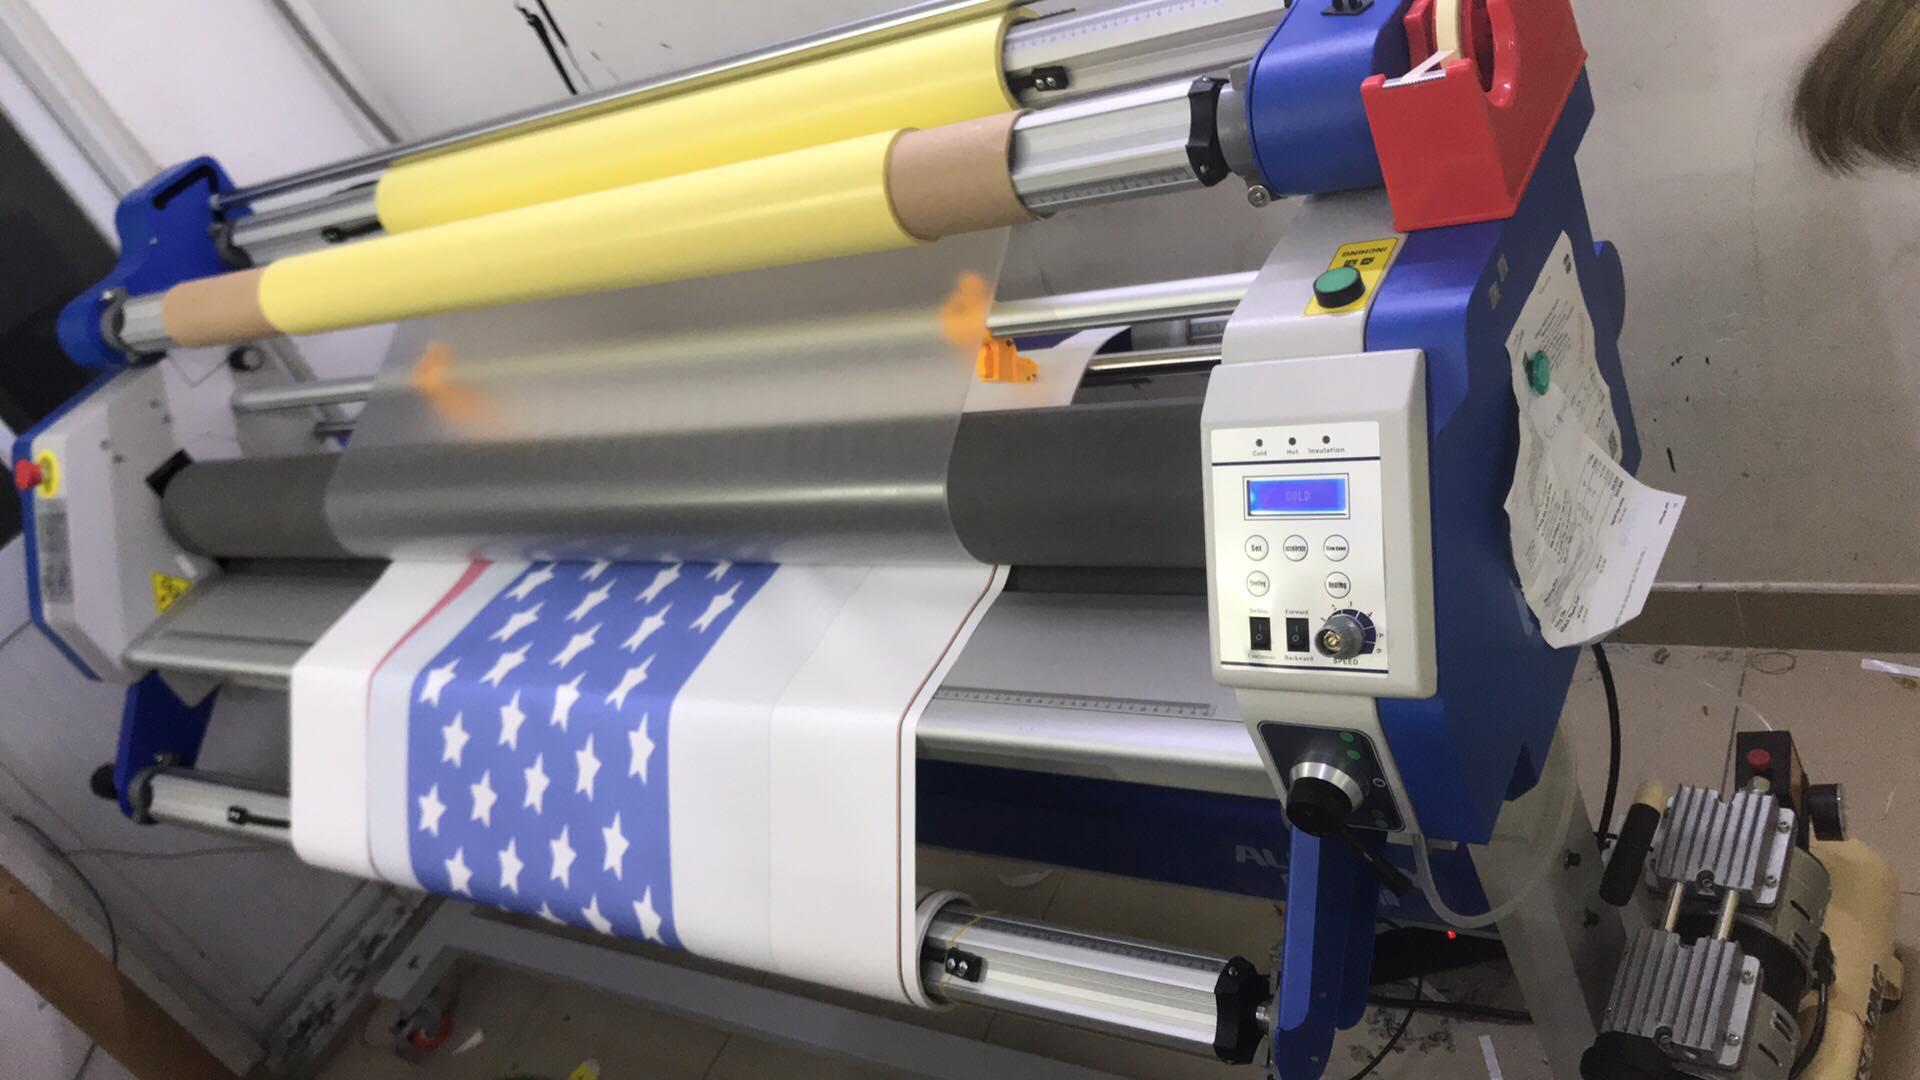 Máy cán màng giấy ảnh hiện đại, giúp bảo vệ bề mặt ảnh, giúp mực không lem